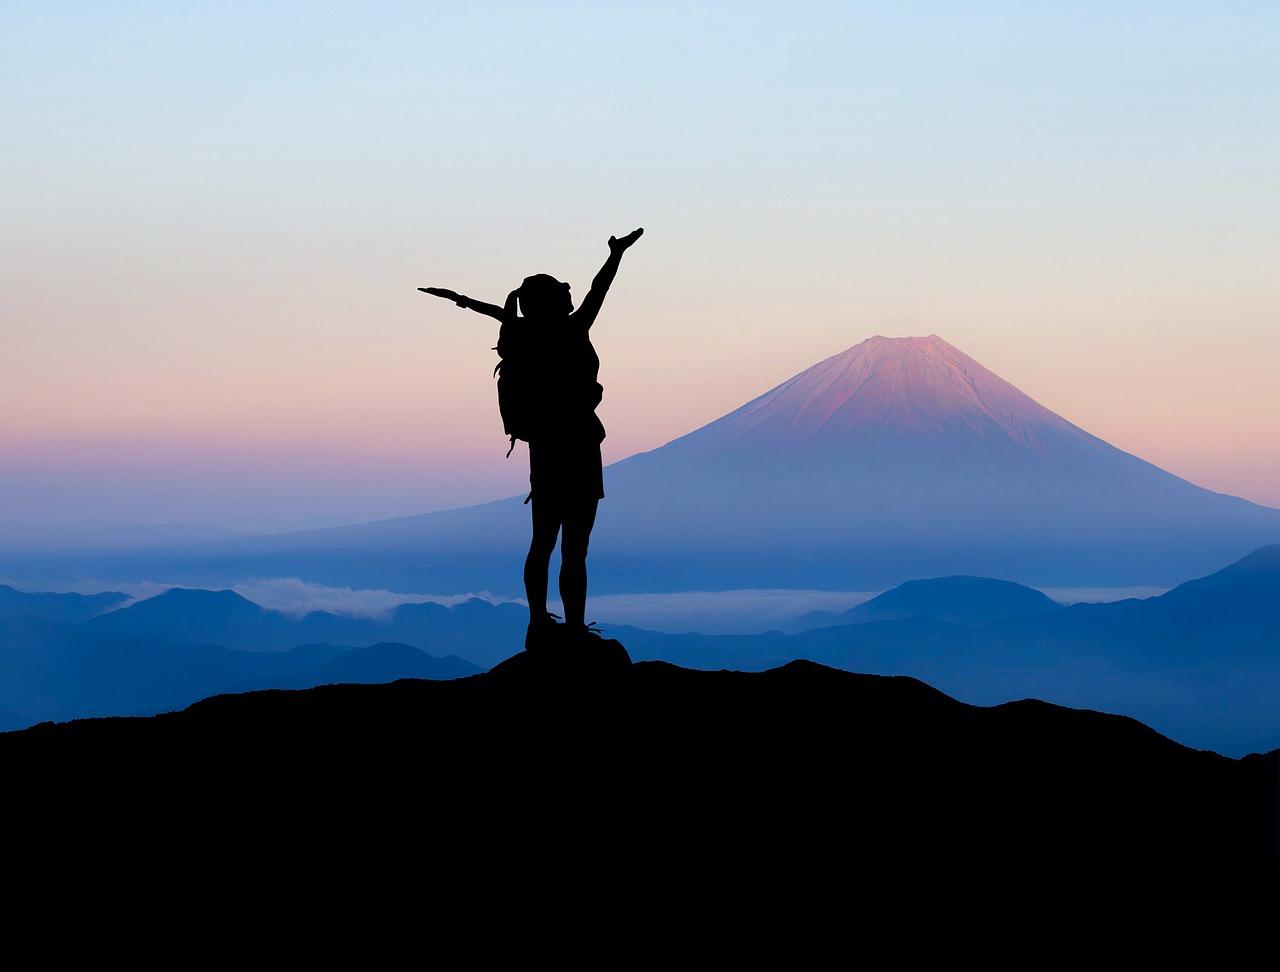 夢占い山の意味4:山頂に達する夢